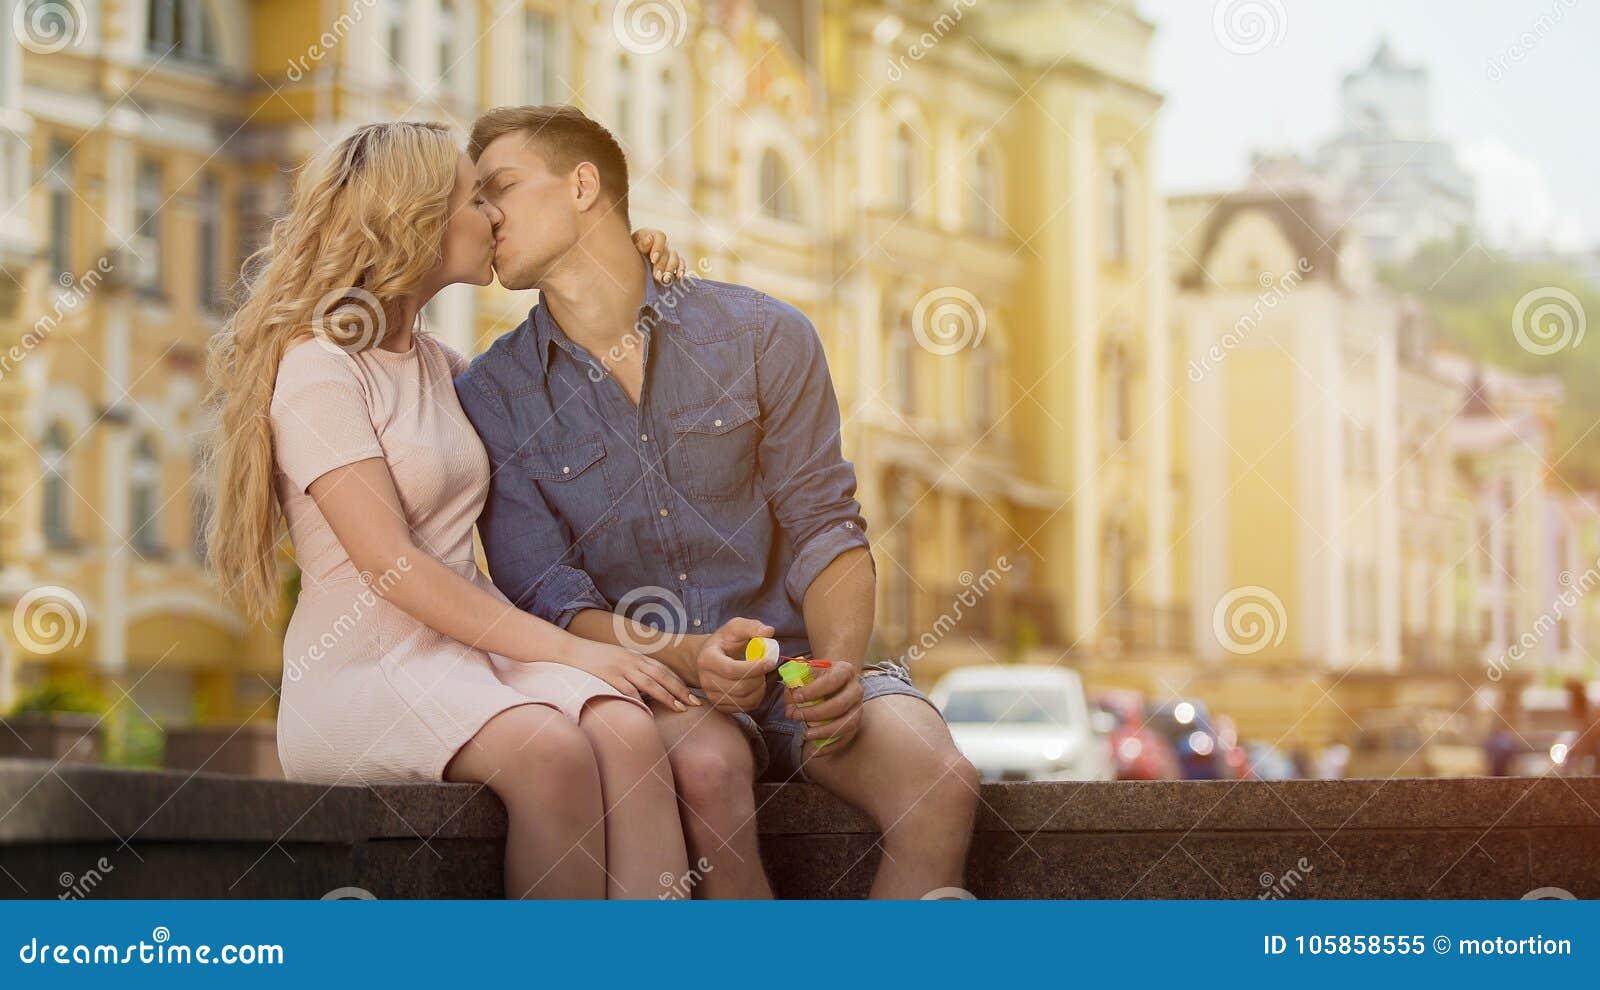 Φίλημα νεαρών άνδρων και γυναικών κατά τη γλυκές ρομαντικές ημερομηνία, την ευτυχία και την αγάπη, ζεύγος